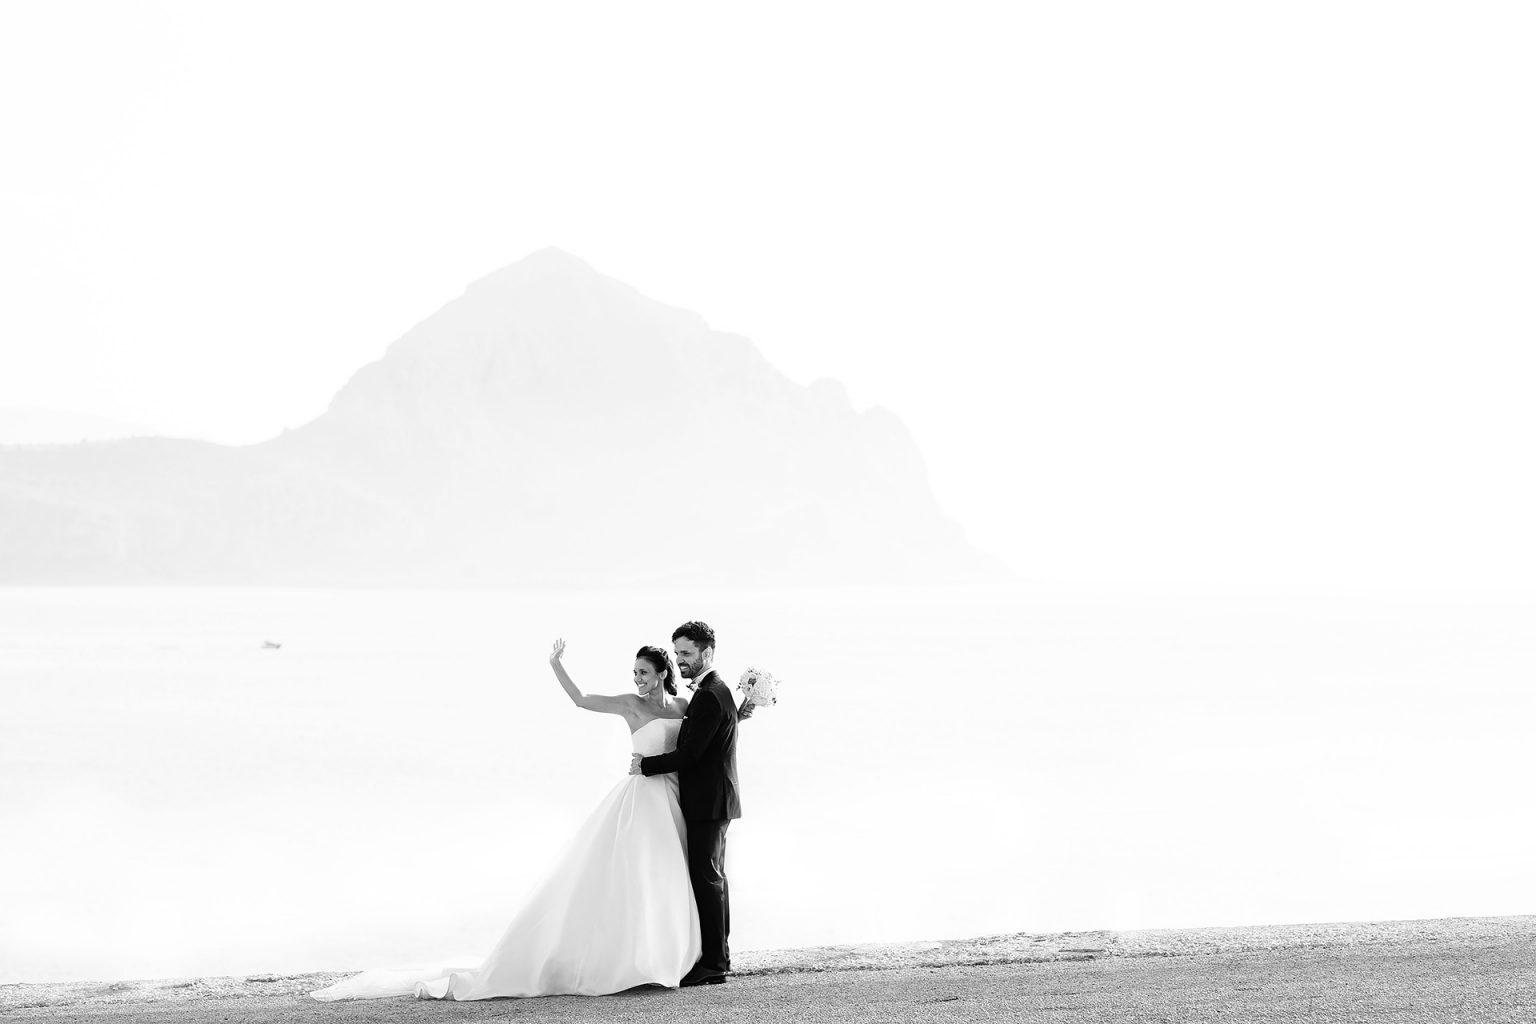 San Vito Lo Capo Fotografo per Matrimoni in Sicilia Nino Lombardo Wedding Photographer